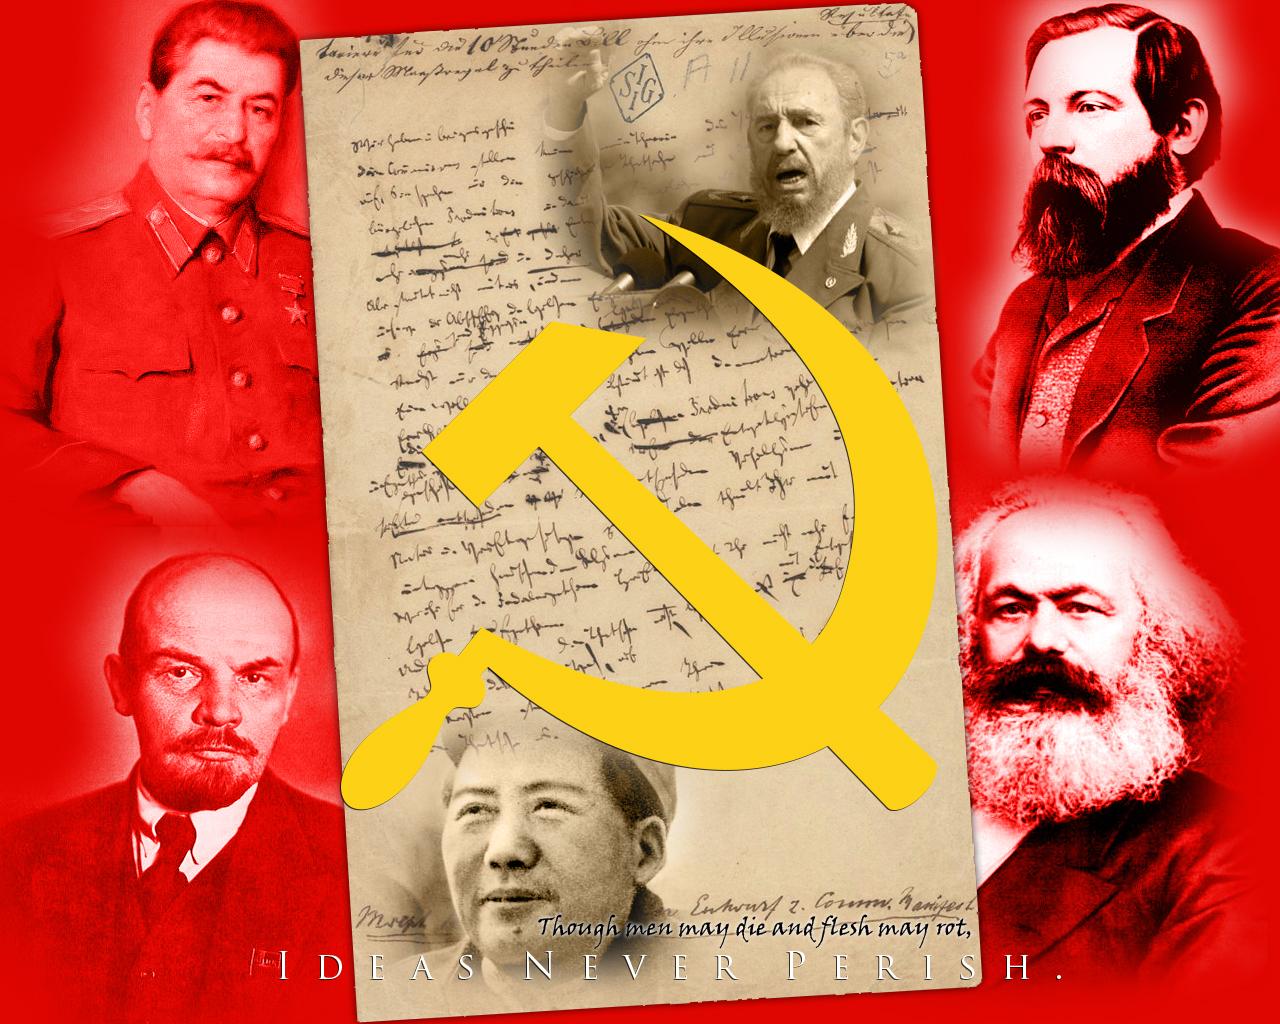 Communism_Desktop_Wallpaper_by_ptrferdinand